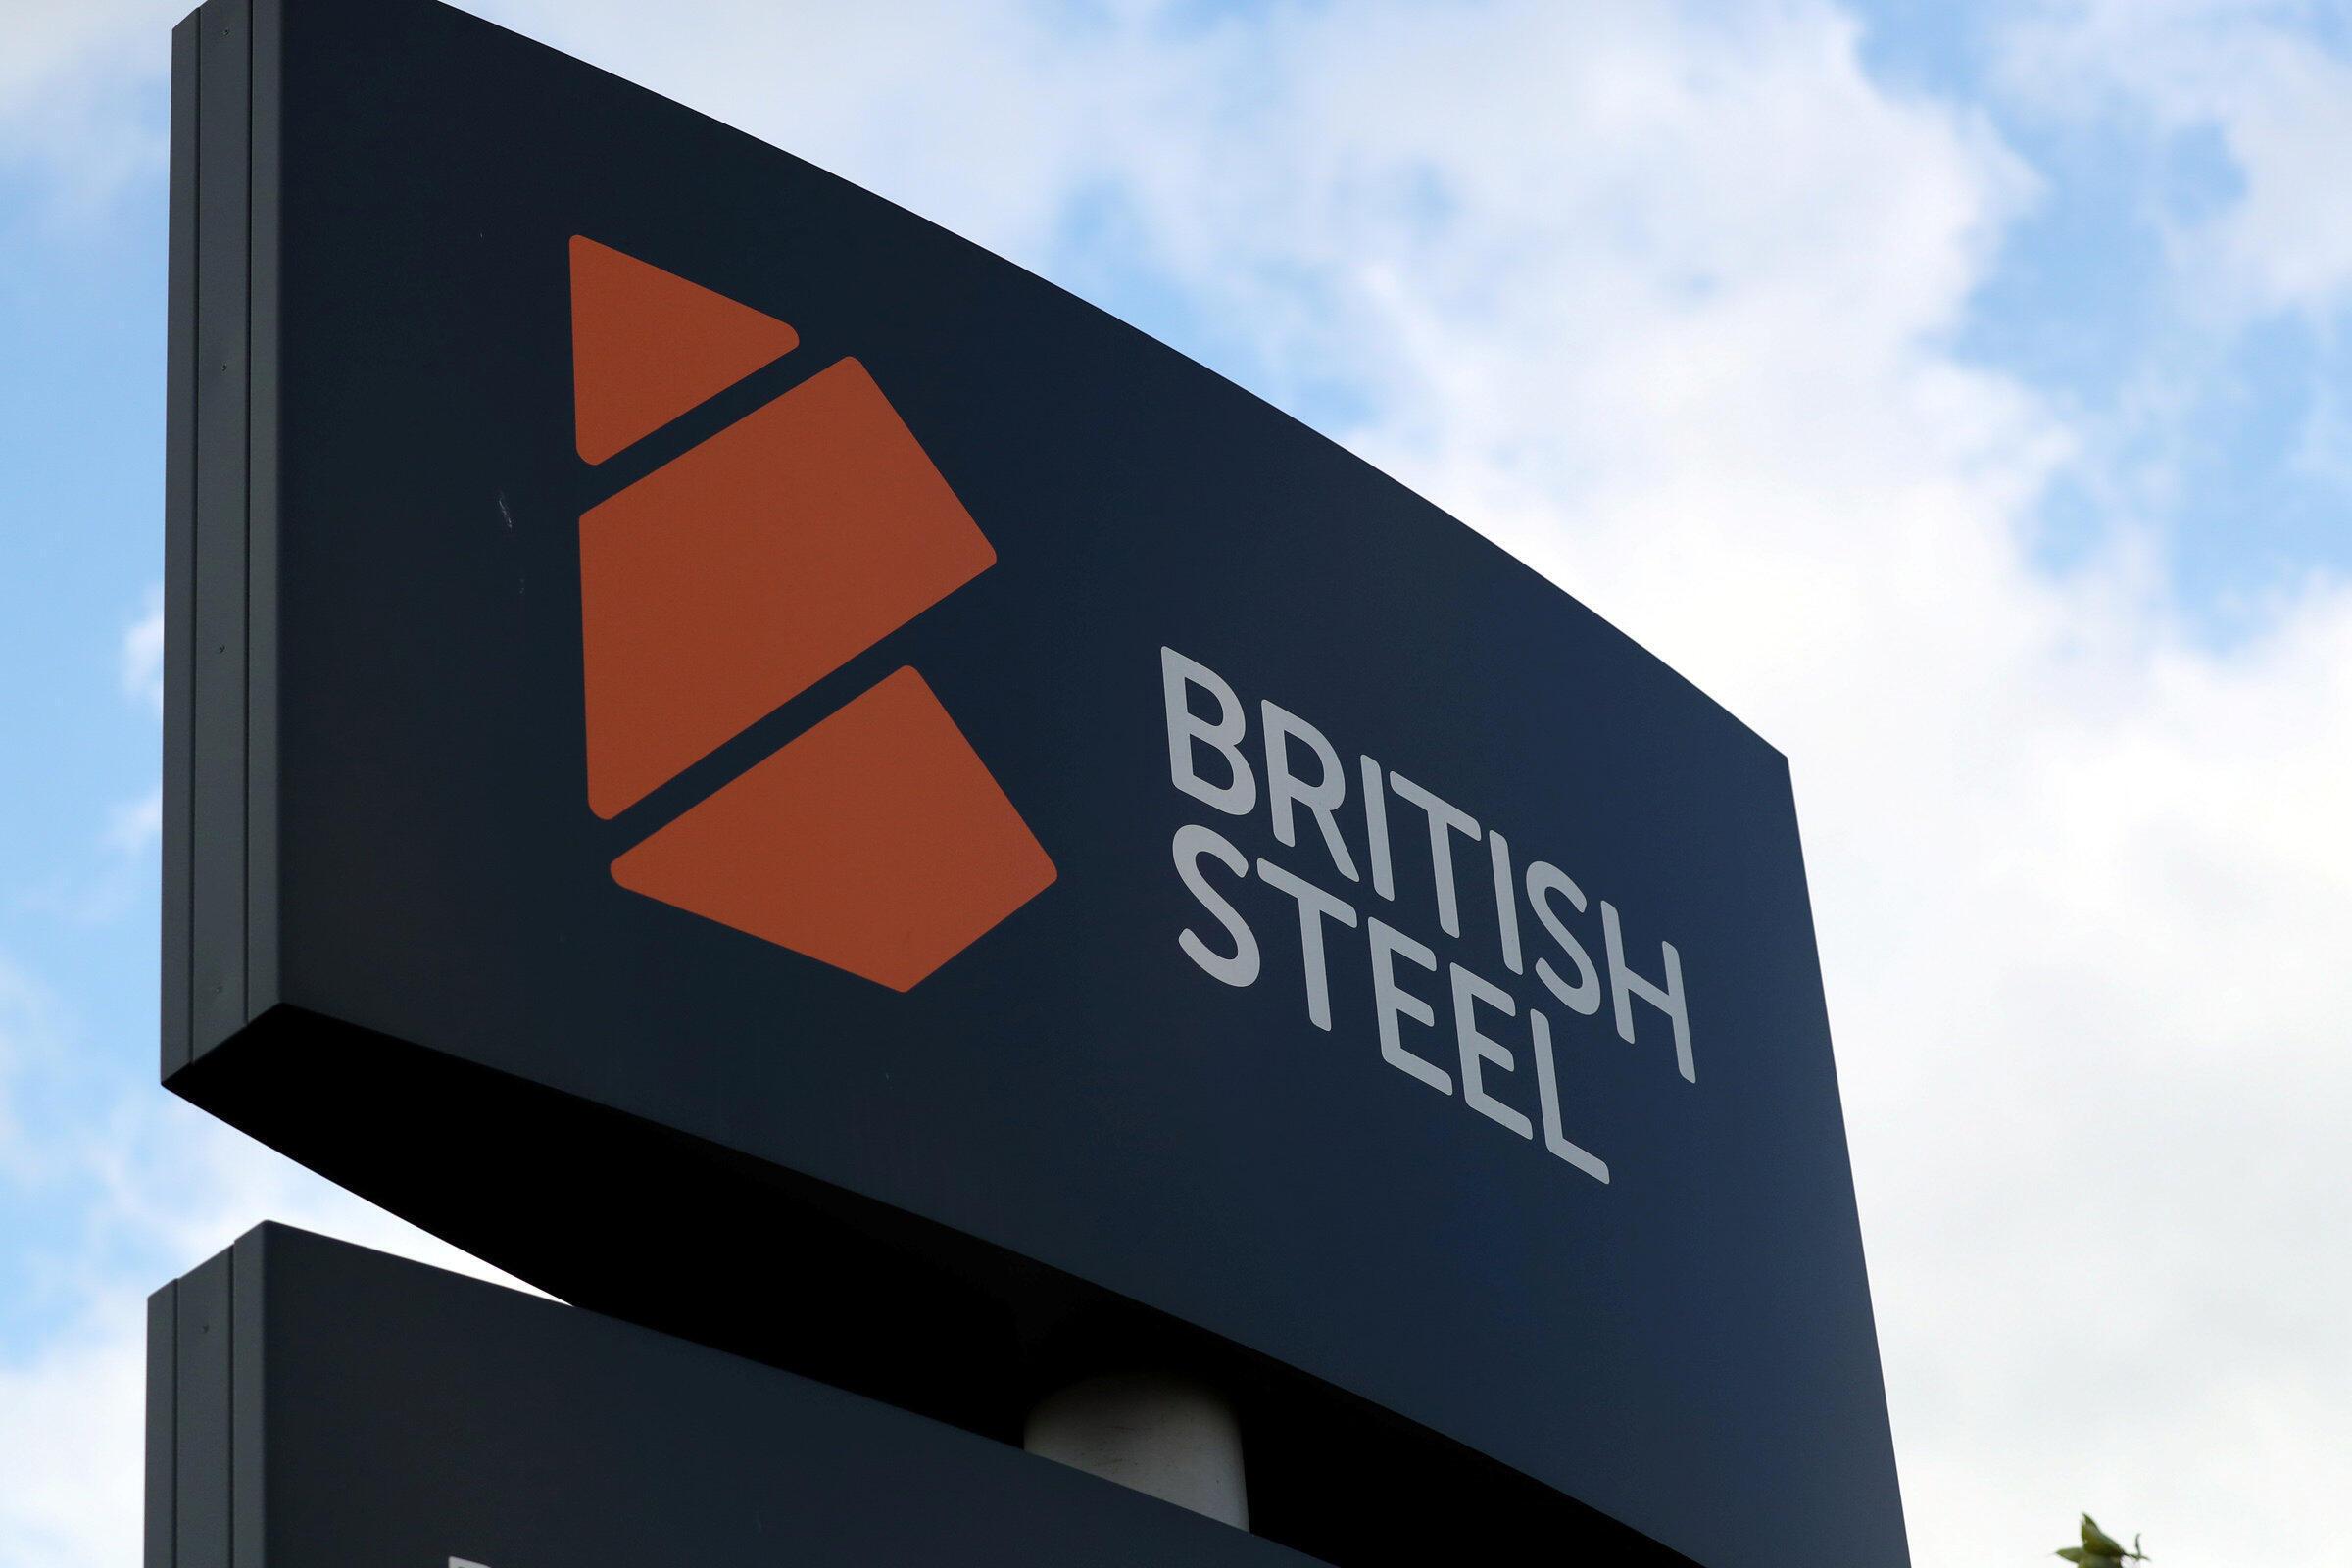 British Steel, deuxième aciériste britannique, a été fragilisé par le divorce annoncé du Royaume-Uni et de l'Union européenne.